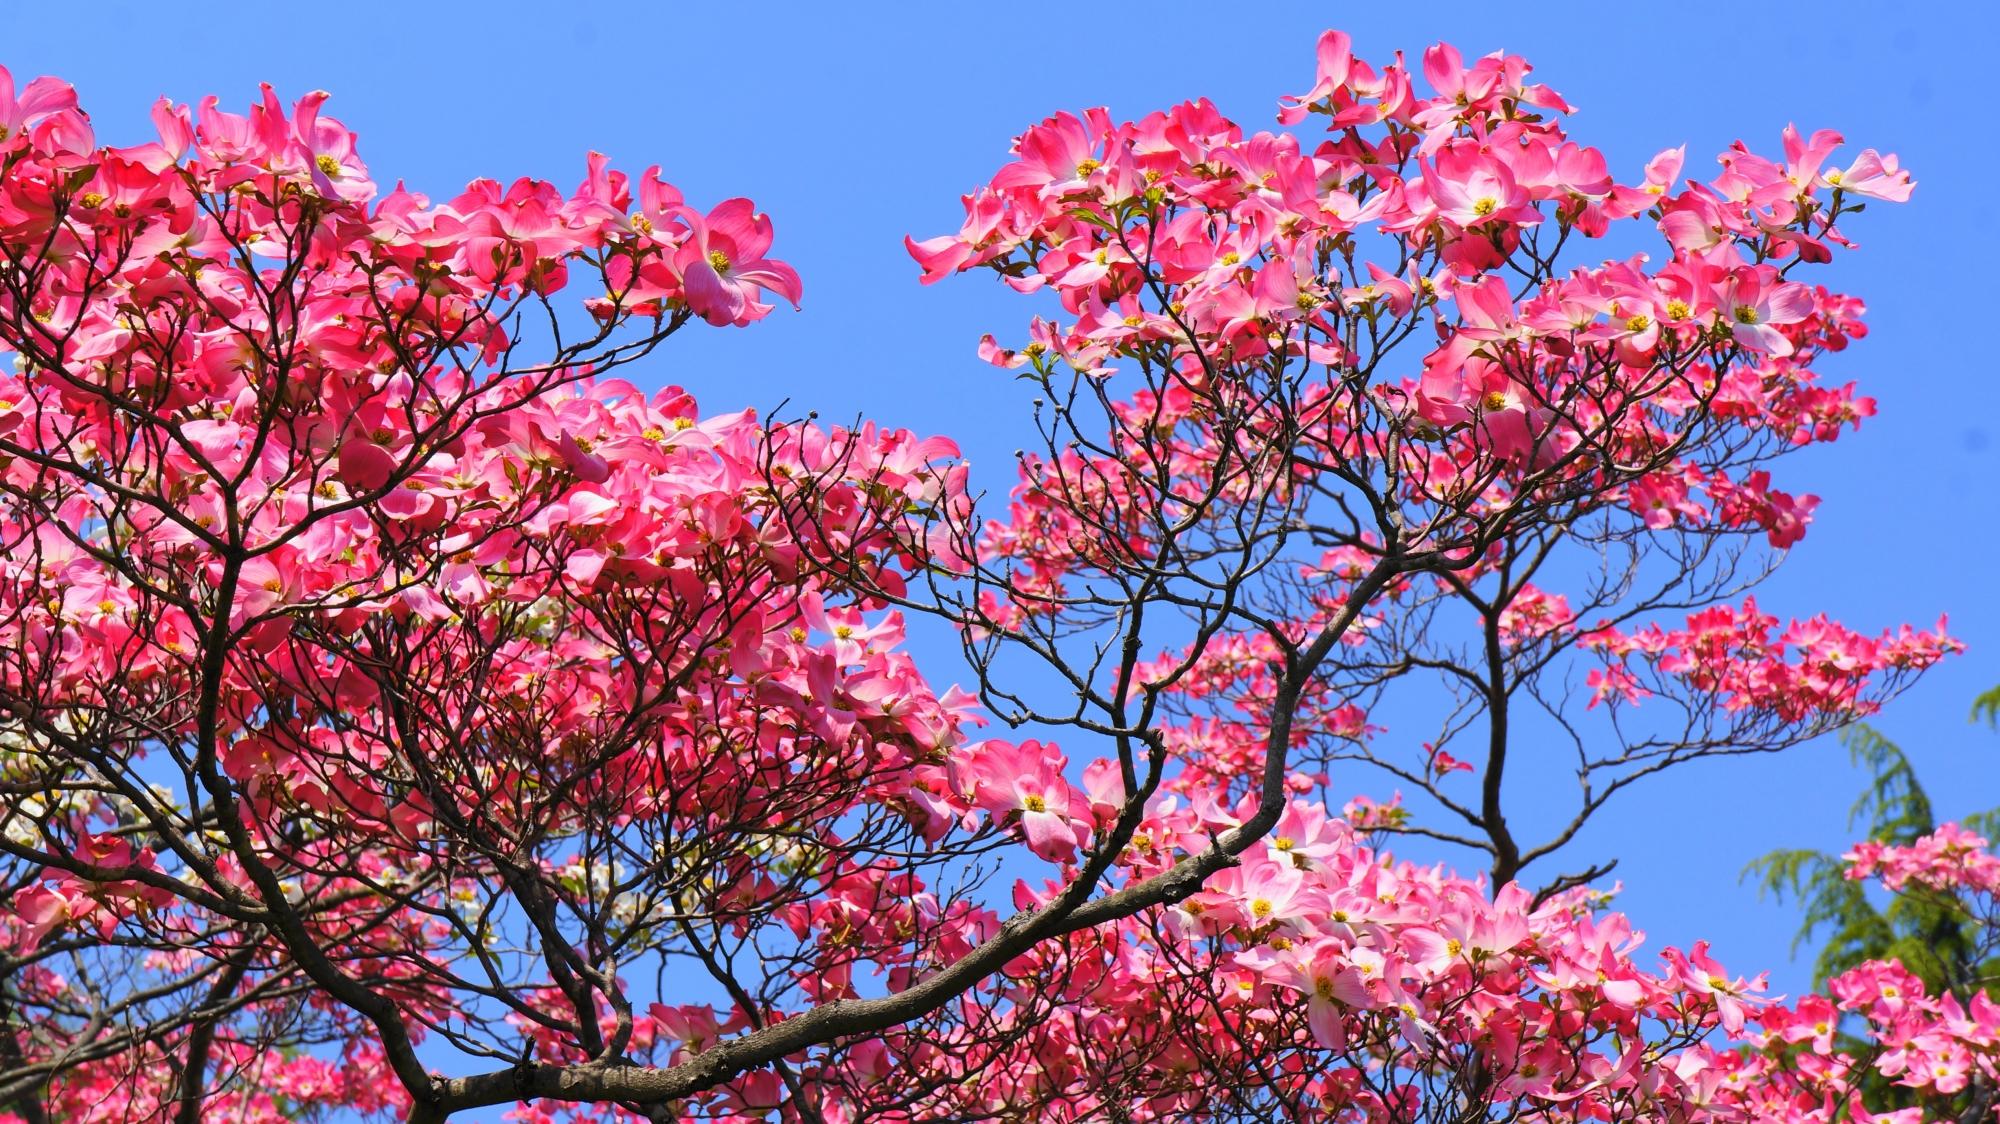 弾け飛ばんとばかりに咲き誇る綺麗なハナミズキ